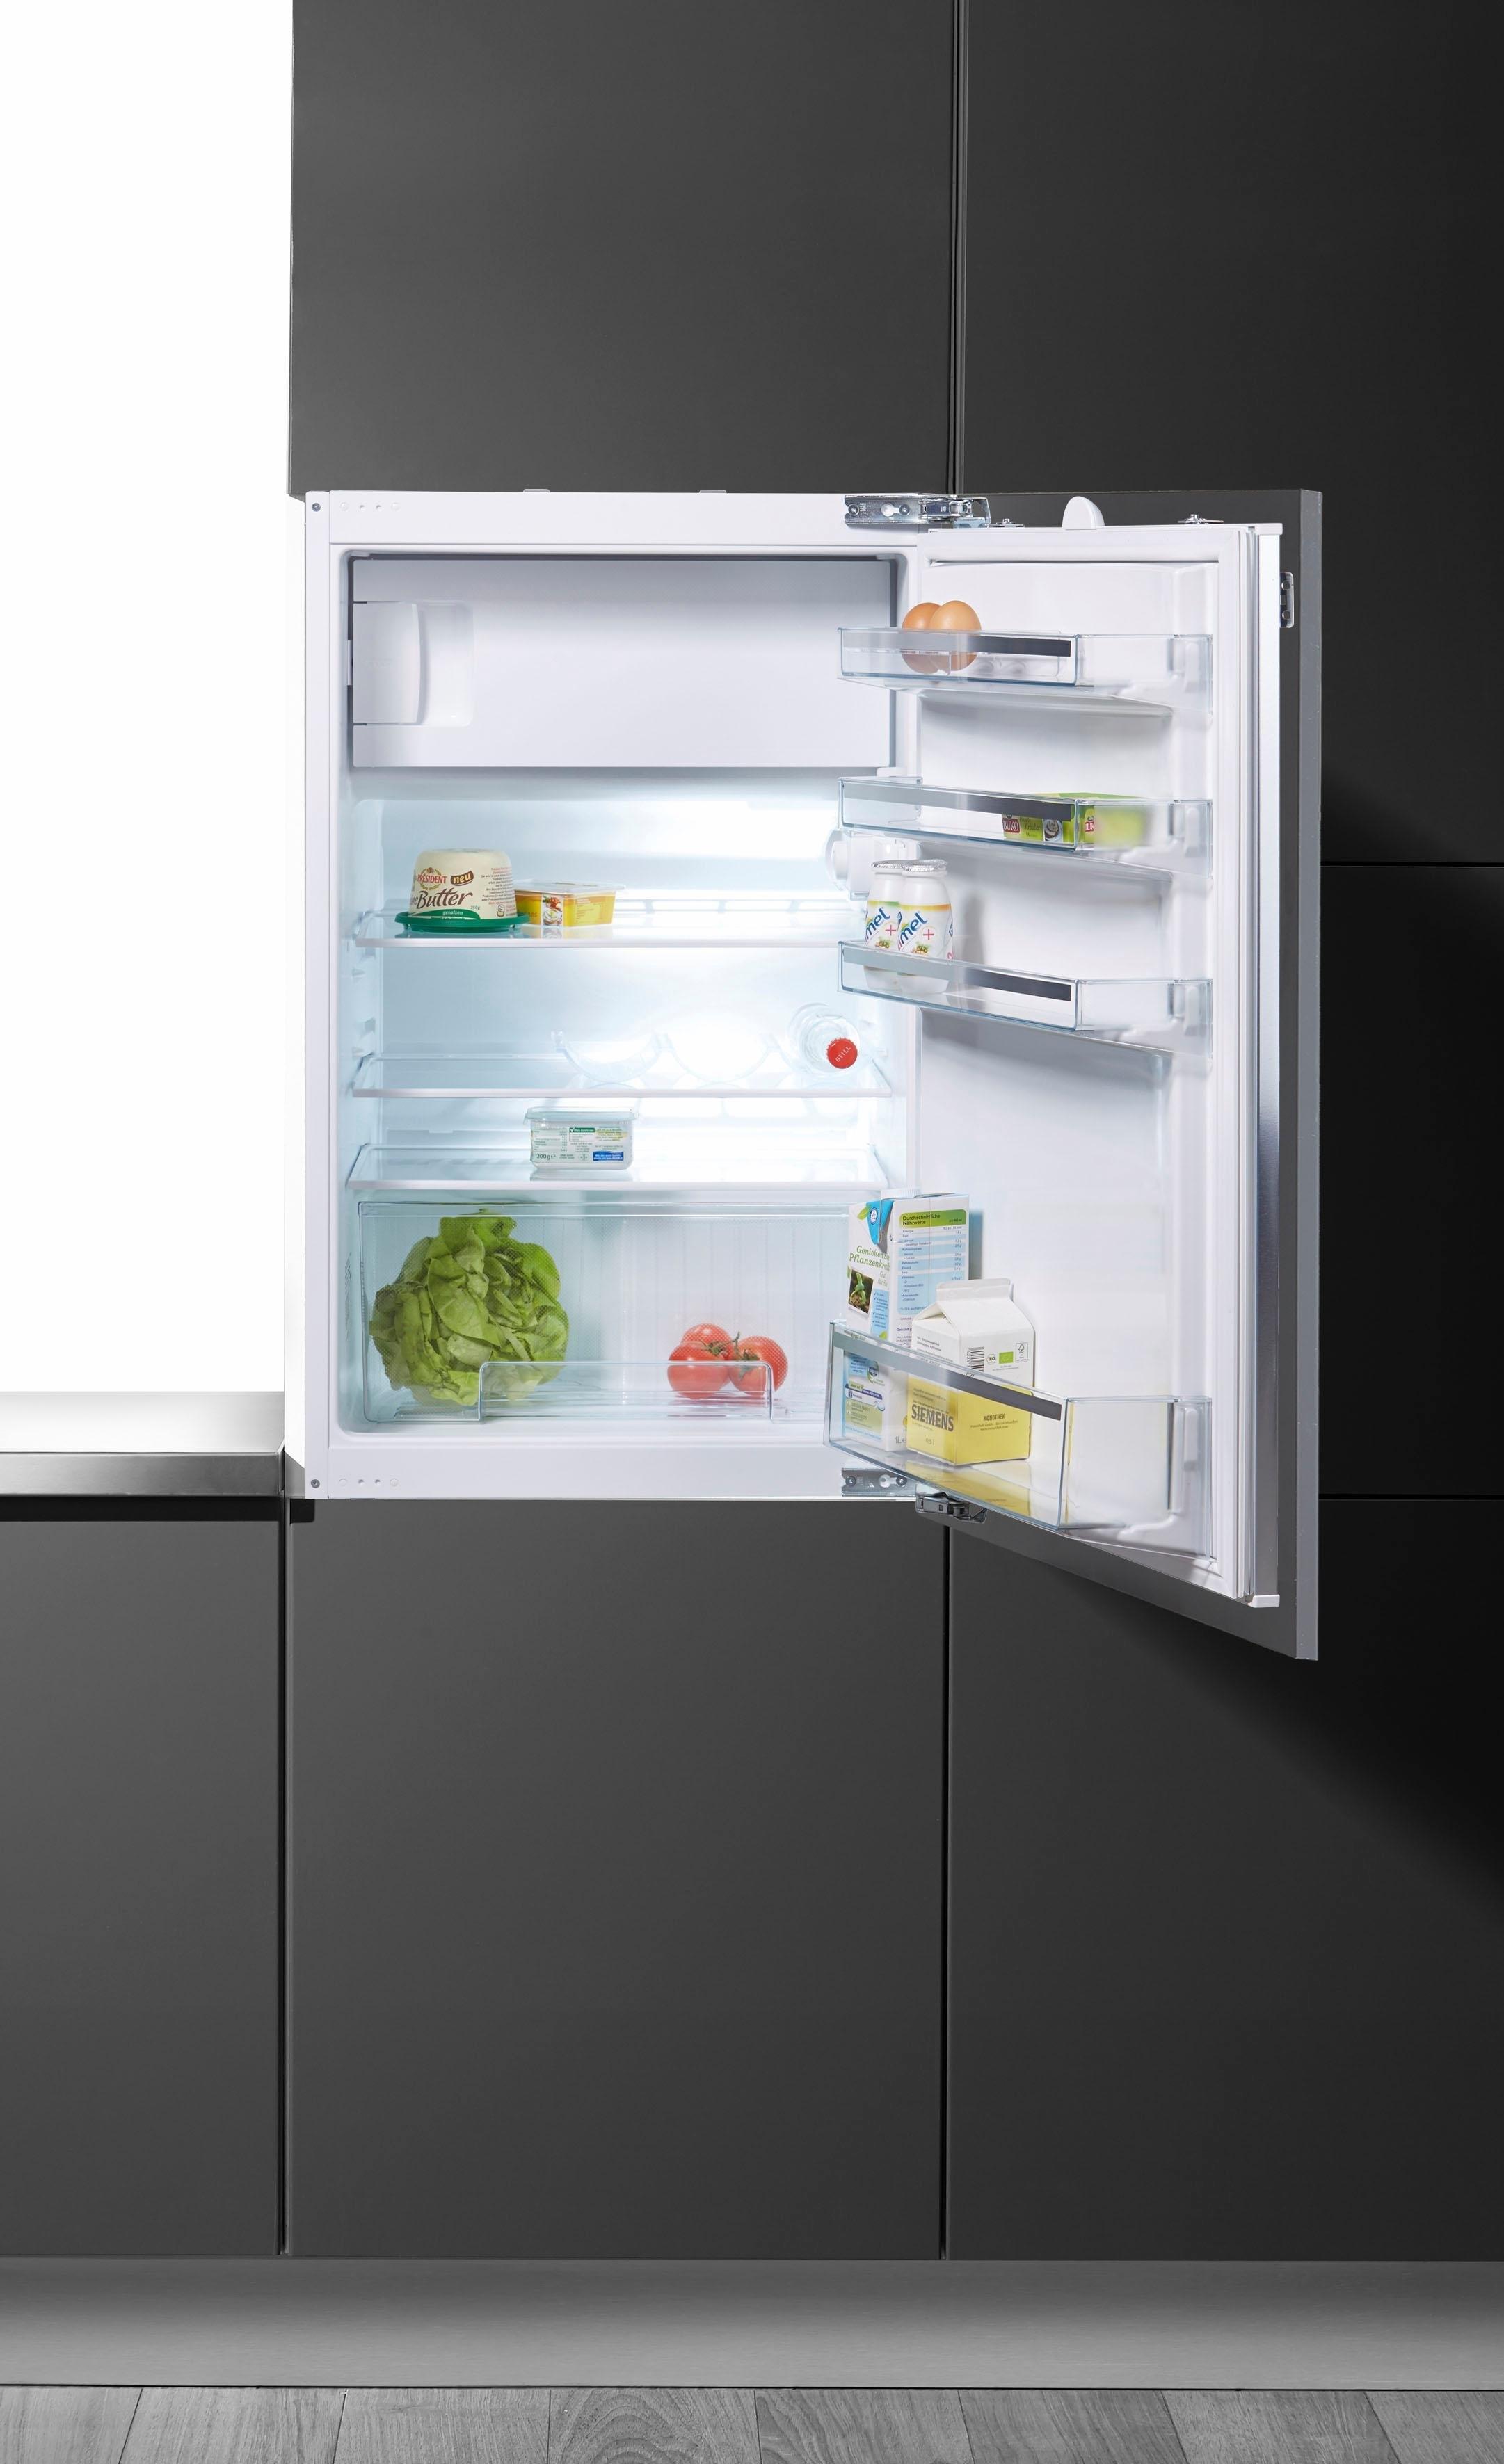 Siemens inbouwkoelkast KI18LV52, energieklasse A+, 87,4 cm hoog bij OTTO online kopen